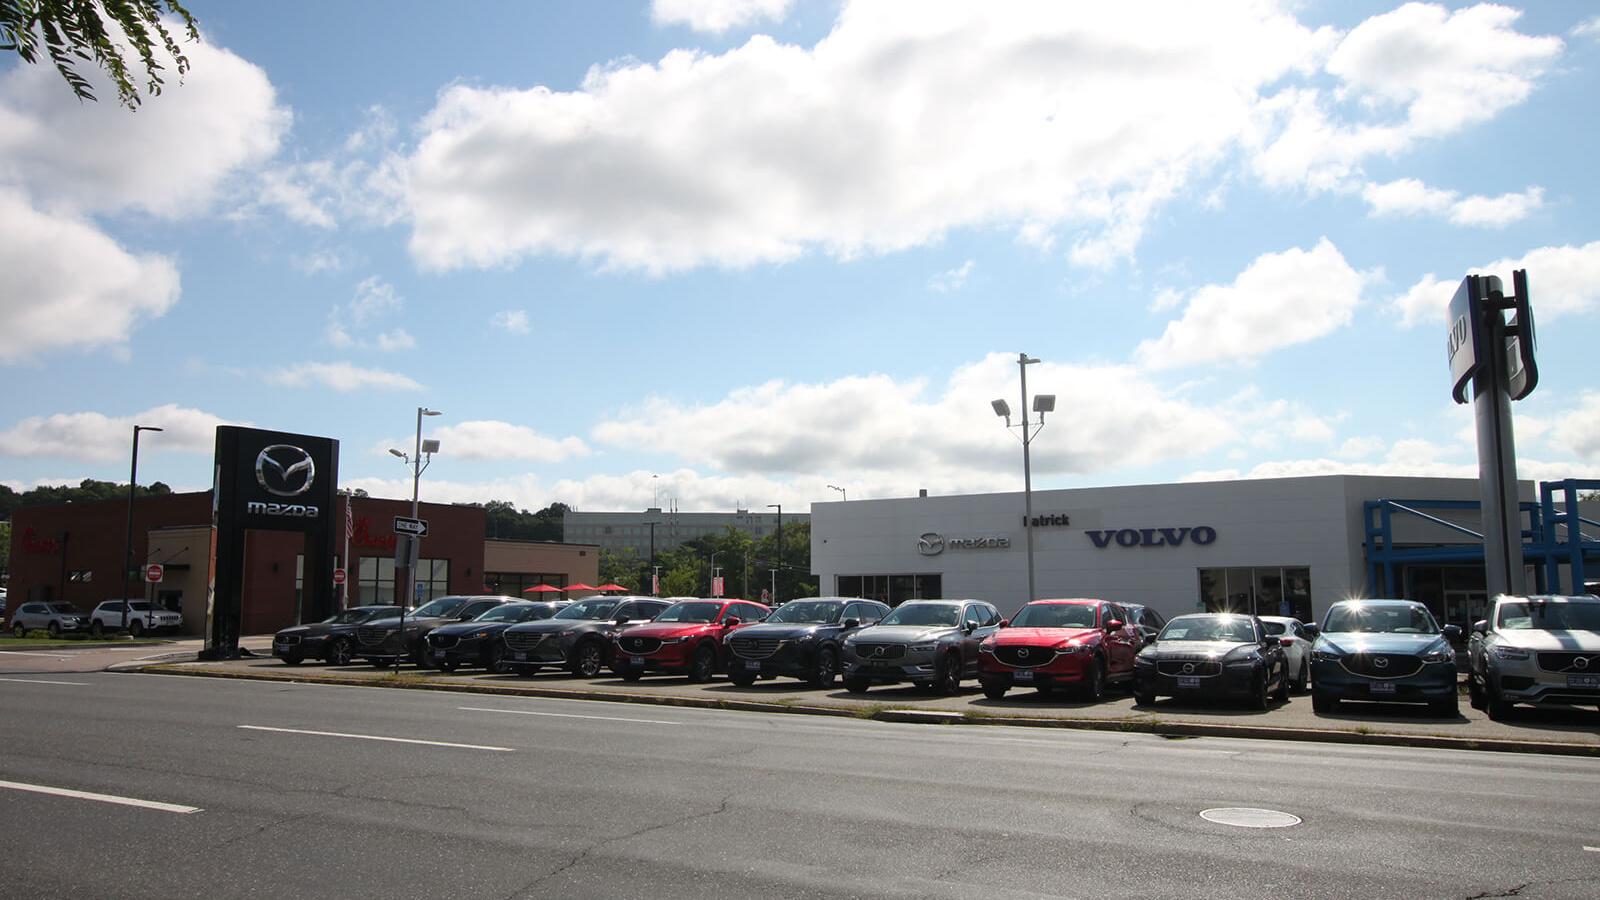 70 Gold Star Blvd, Worcester, Massachusetts 01606, Retail / Restaurant,For Lease,Gold Star Blvd,1281